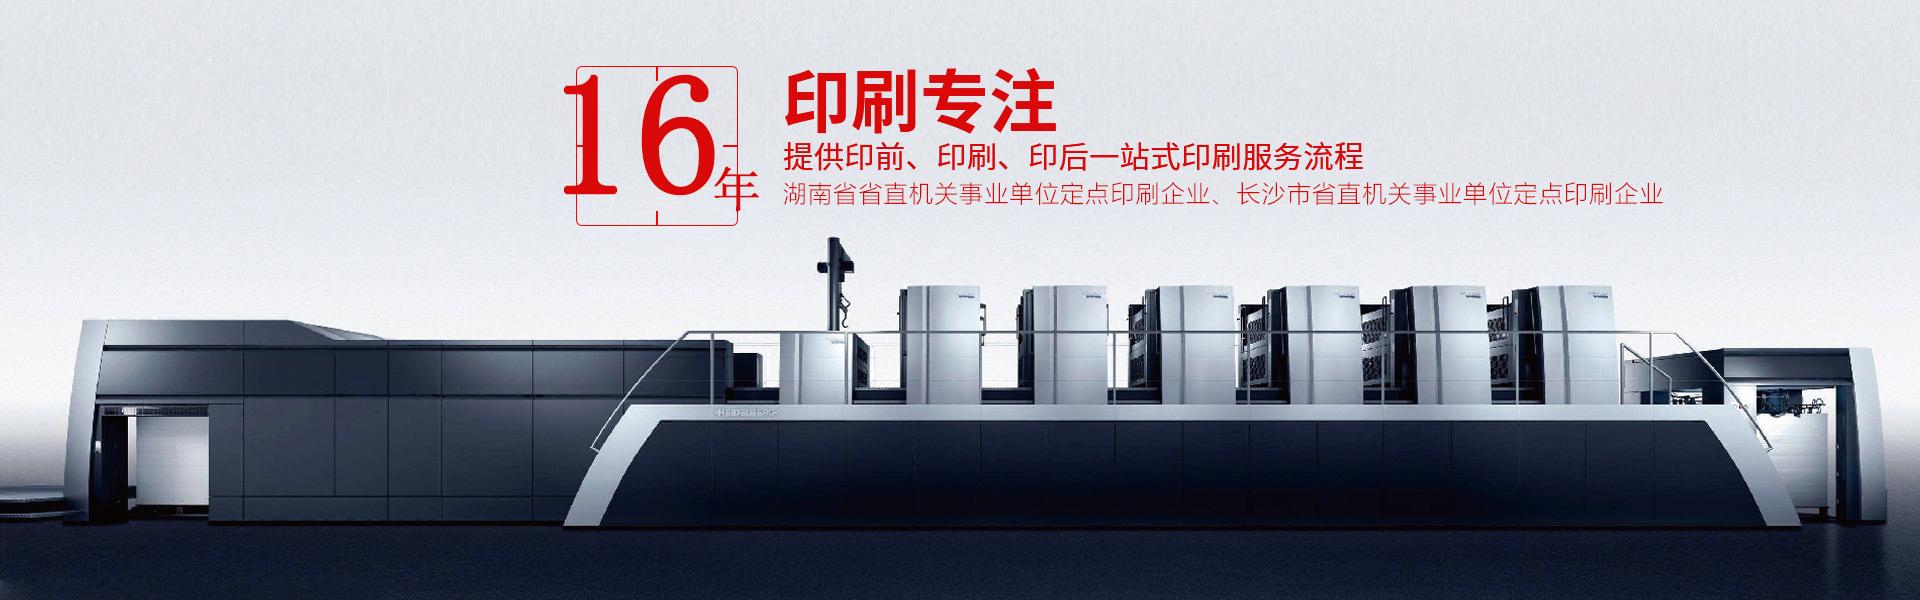 湖南印刷公司